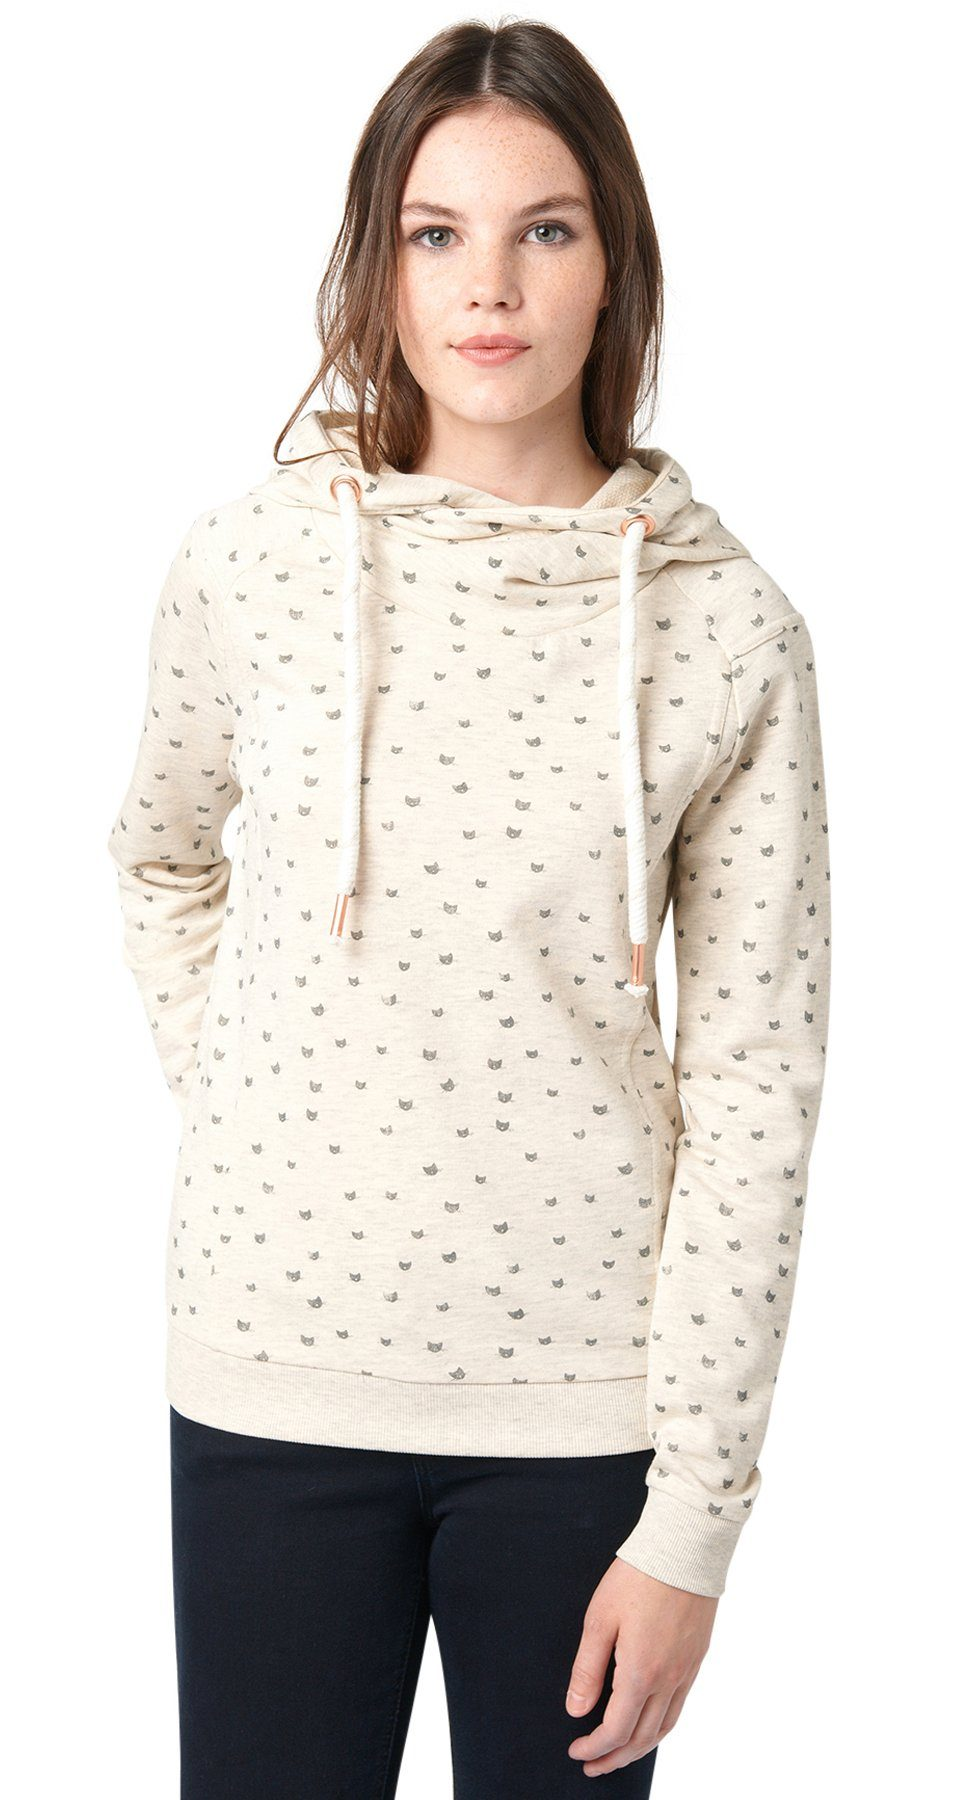 TOM TAILOR DENIM Sweatshirt »Hoodie mit Katzen-Print«